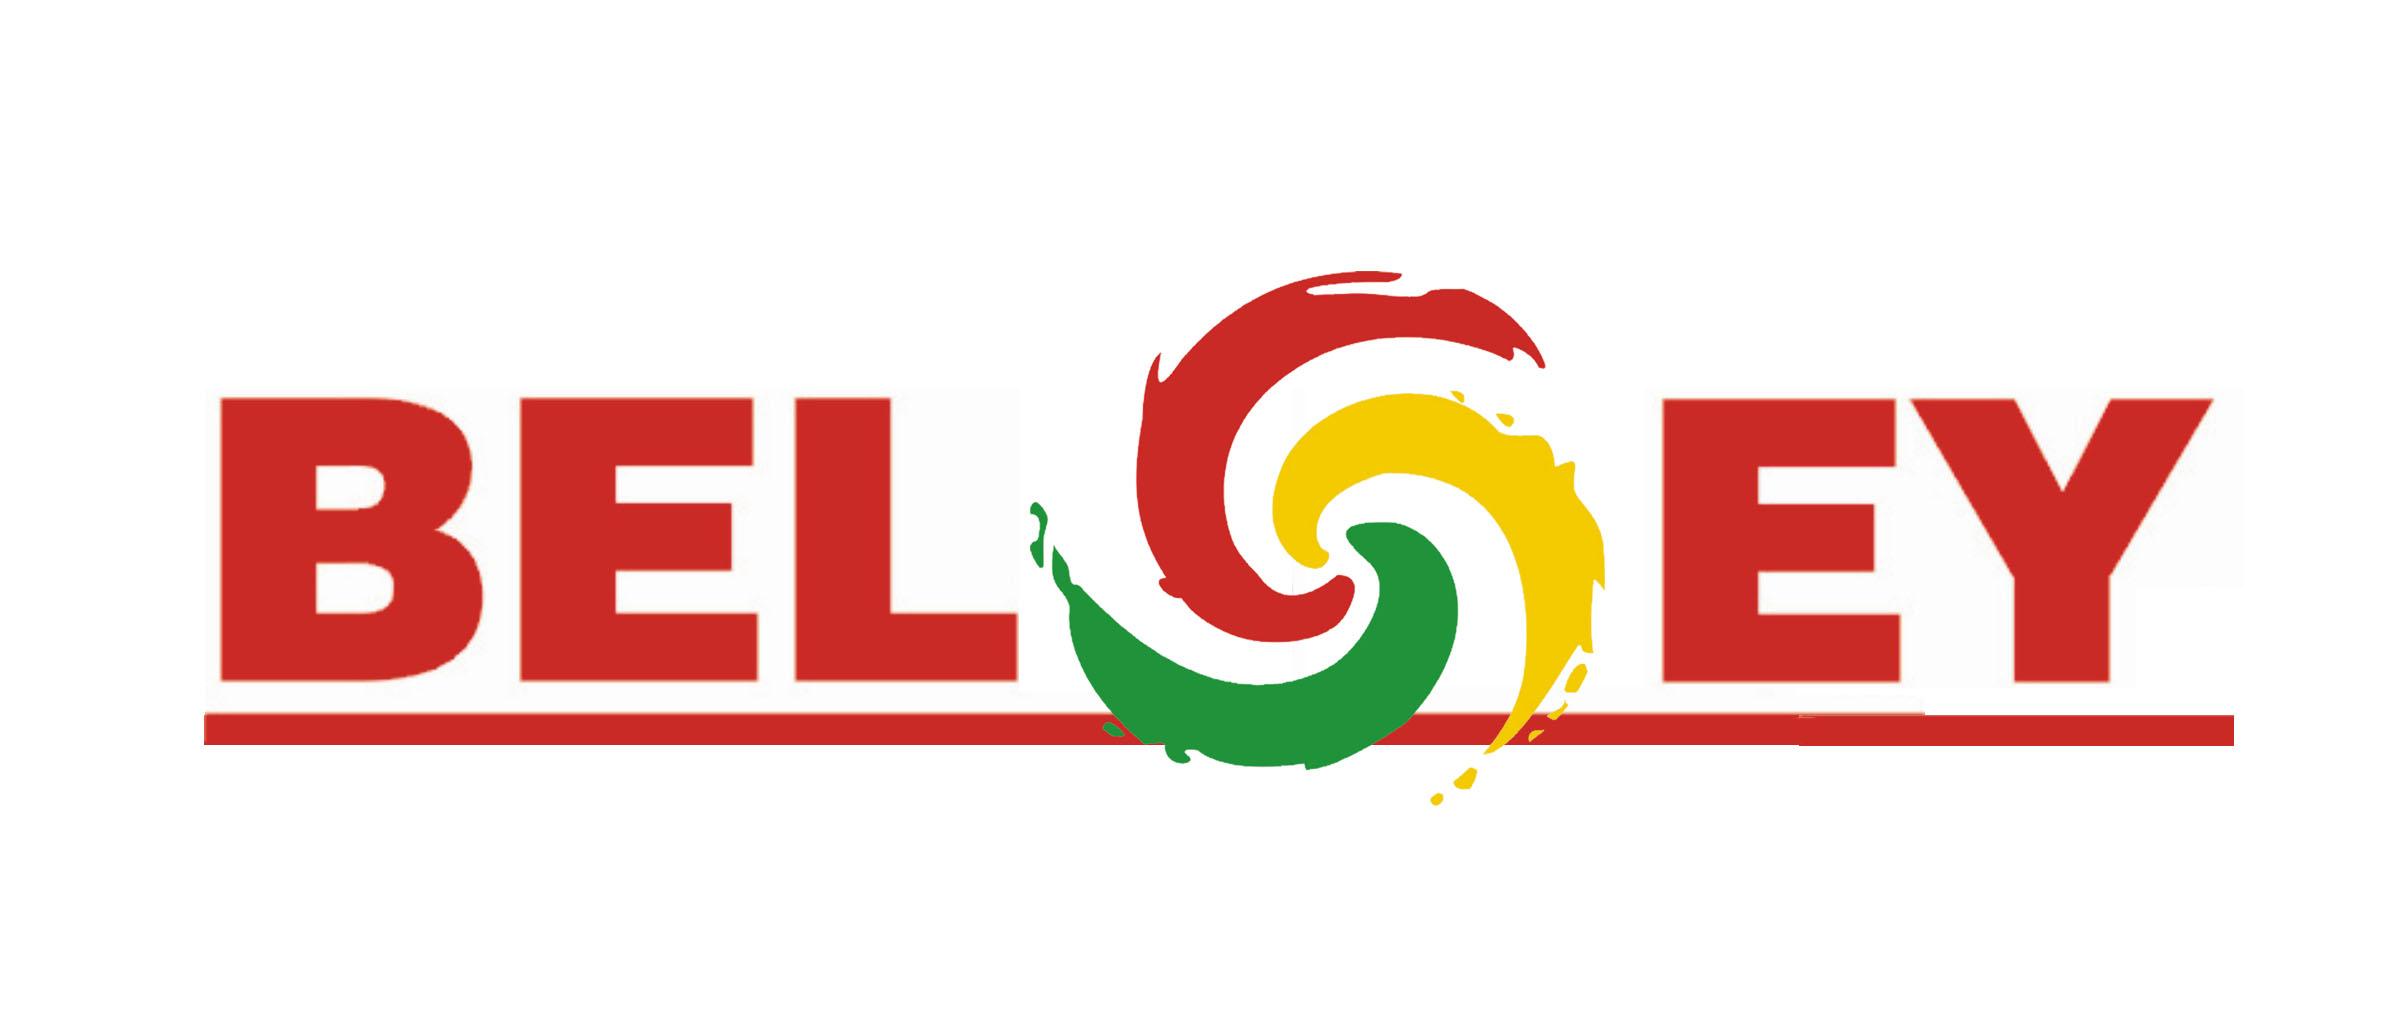 logo logo 标志 设计 矢量 矢量图 素材 图标 2395_1024